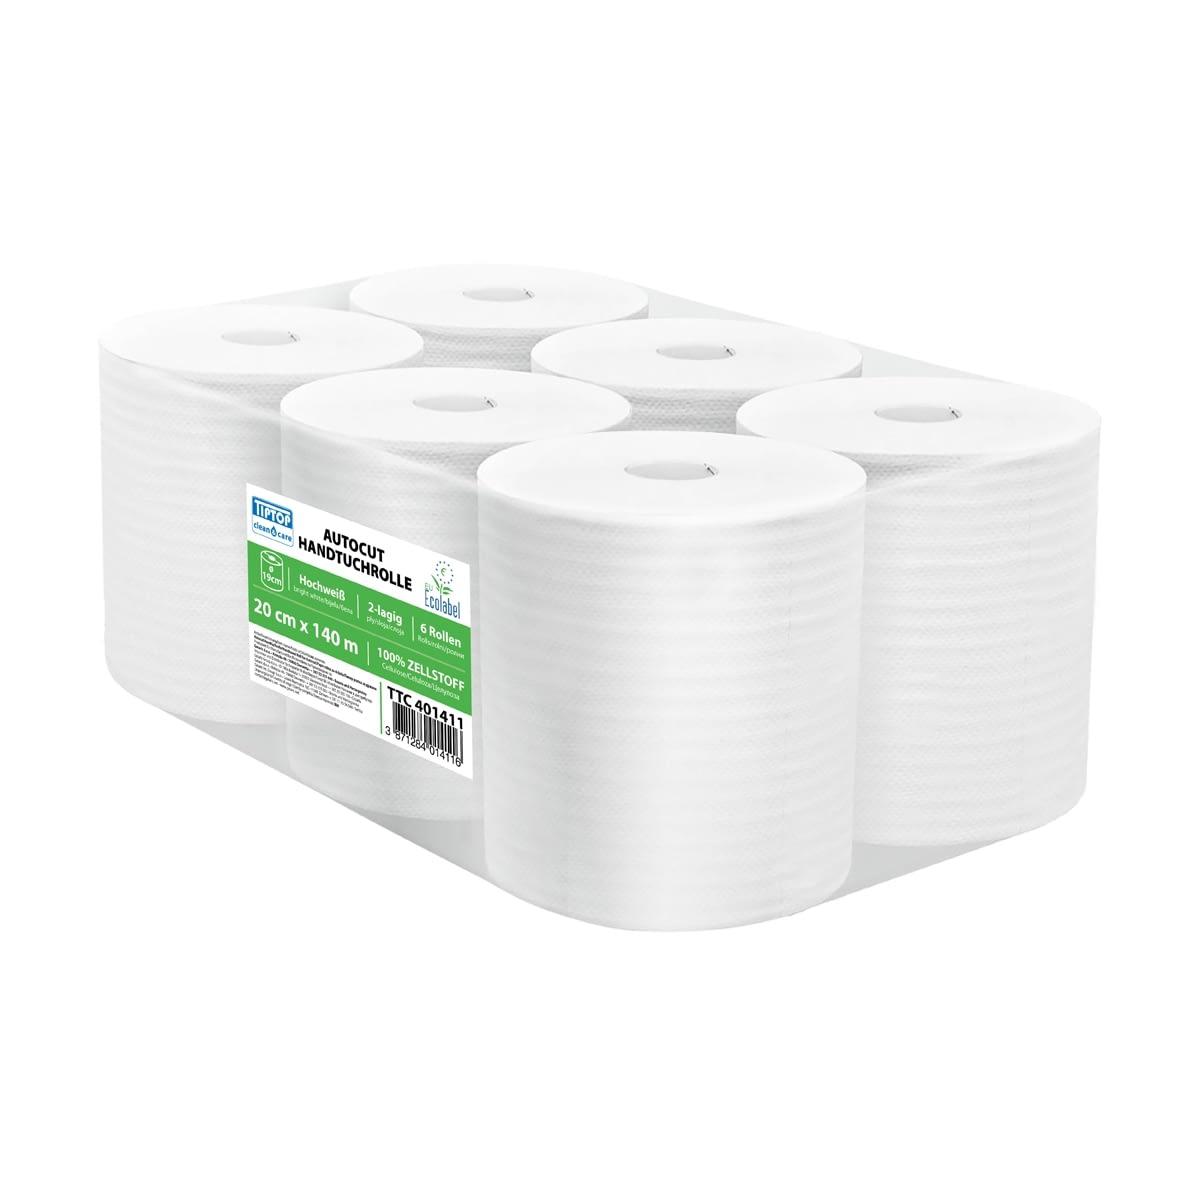 TTC Ubrus za ruke (za senzorske uređaje), 2 sloja, 100% celuloza, 6x140m. EU Ecolabel sertifikat